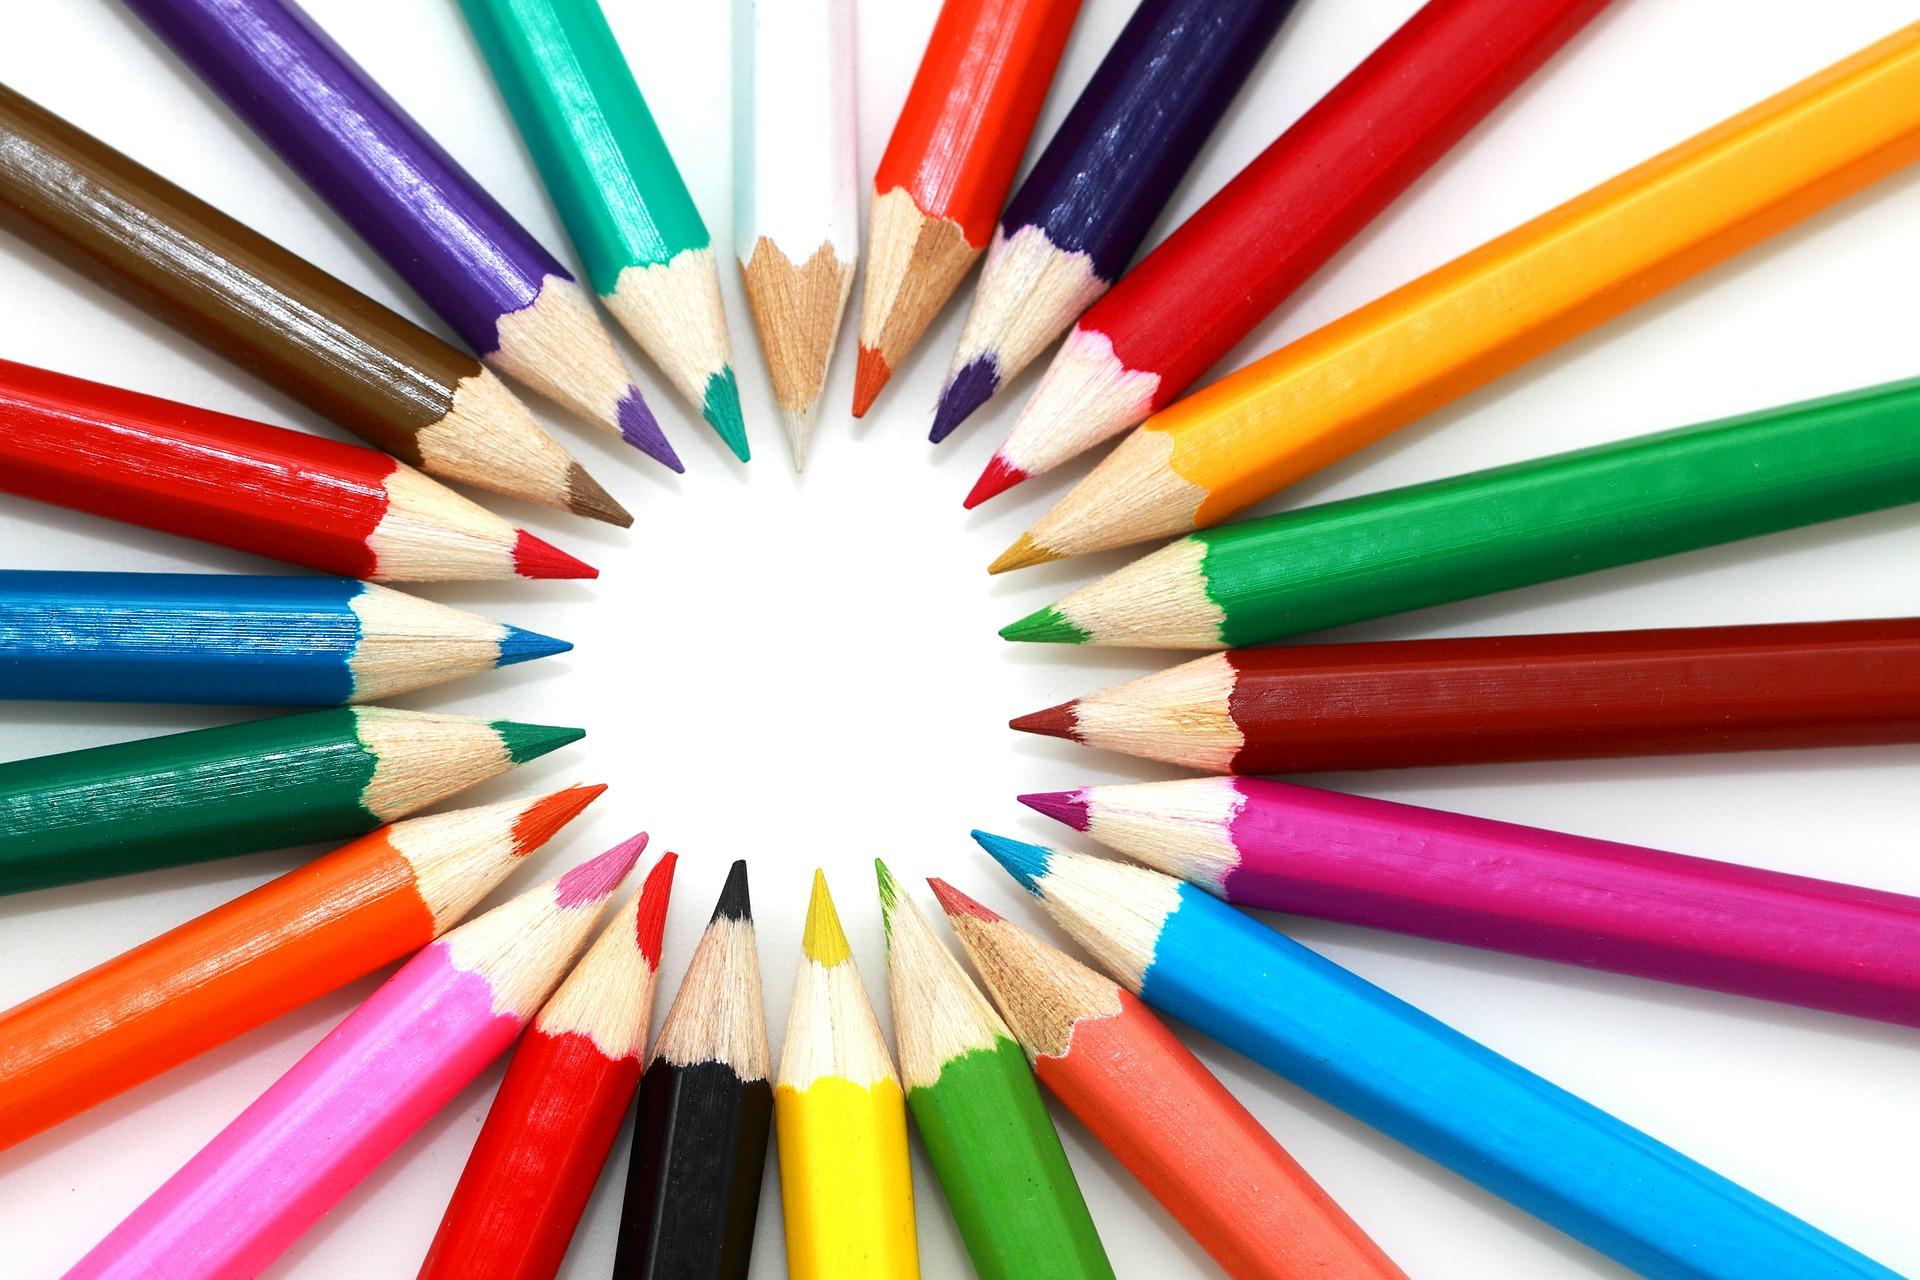 Las puntas de unos lápices de distintos colores forman una circunferencia